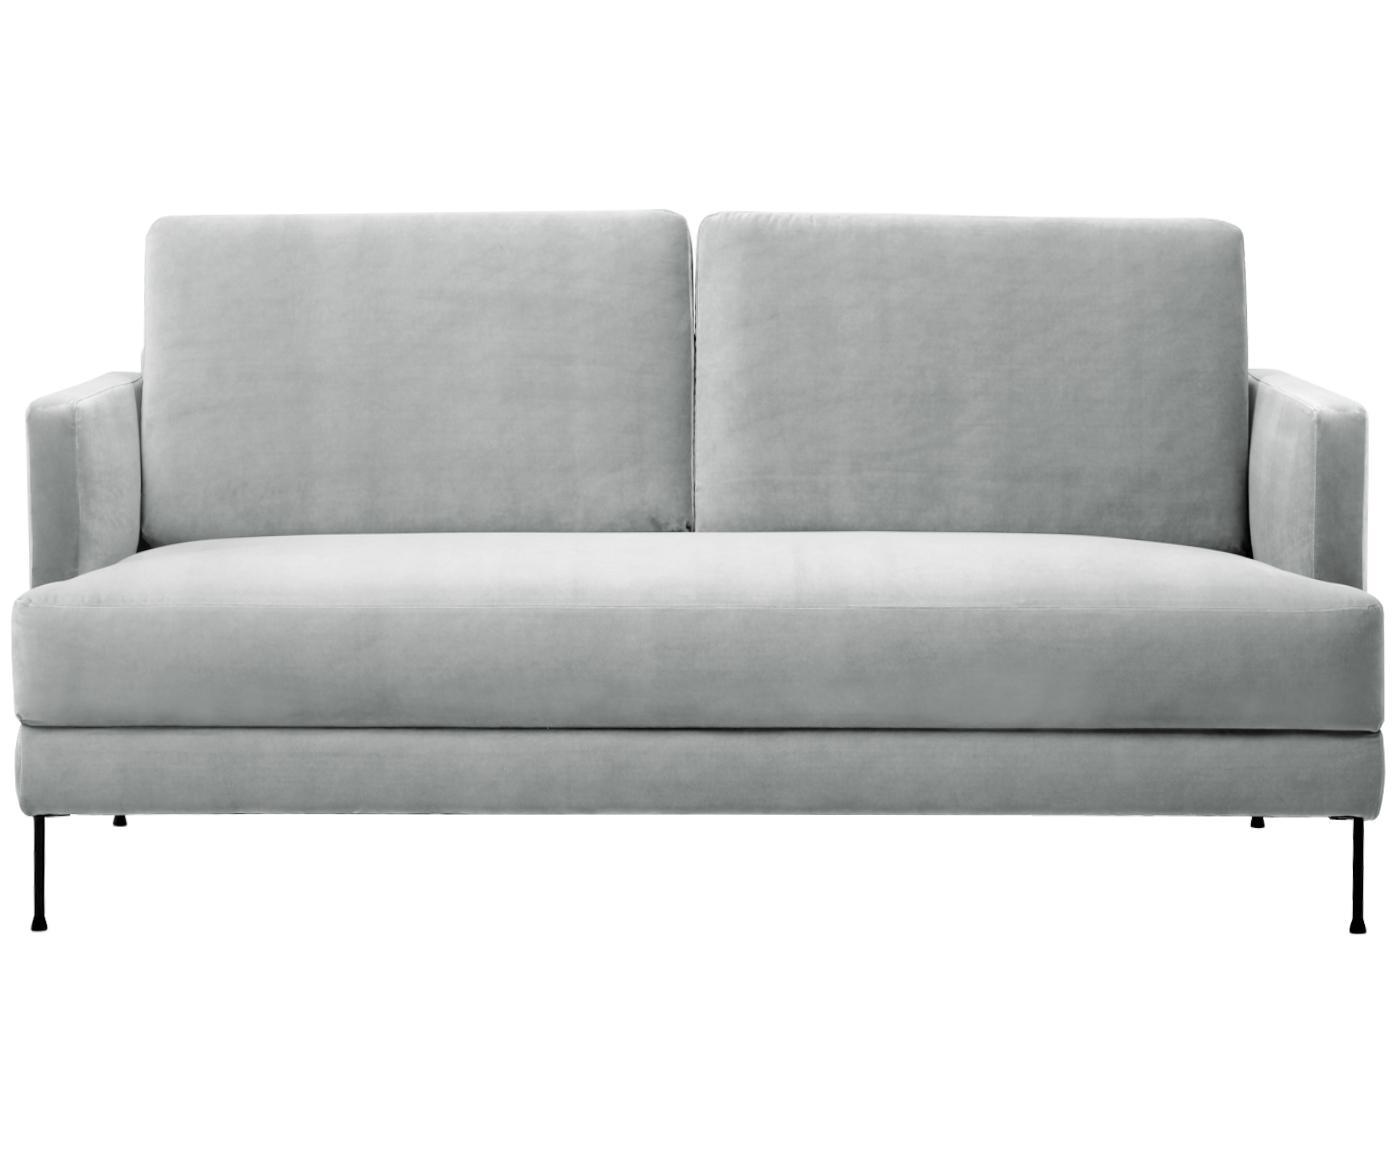 Sofá de terciopelo Fluente (2plazas), Tapizado: terciopelo (tapizado de p, Estructura: madera de pino maciza, Patas: metal lacado, Terciopelo gris claro, An 168 x F 83 cm